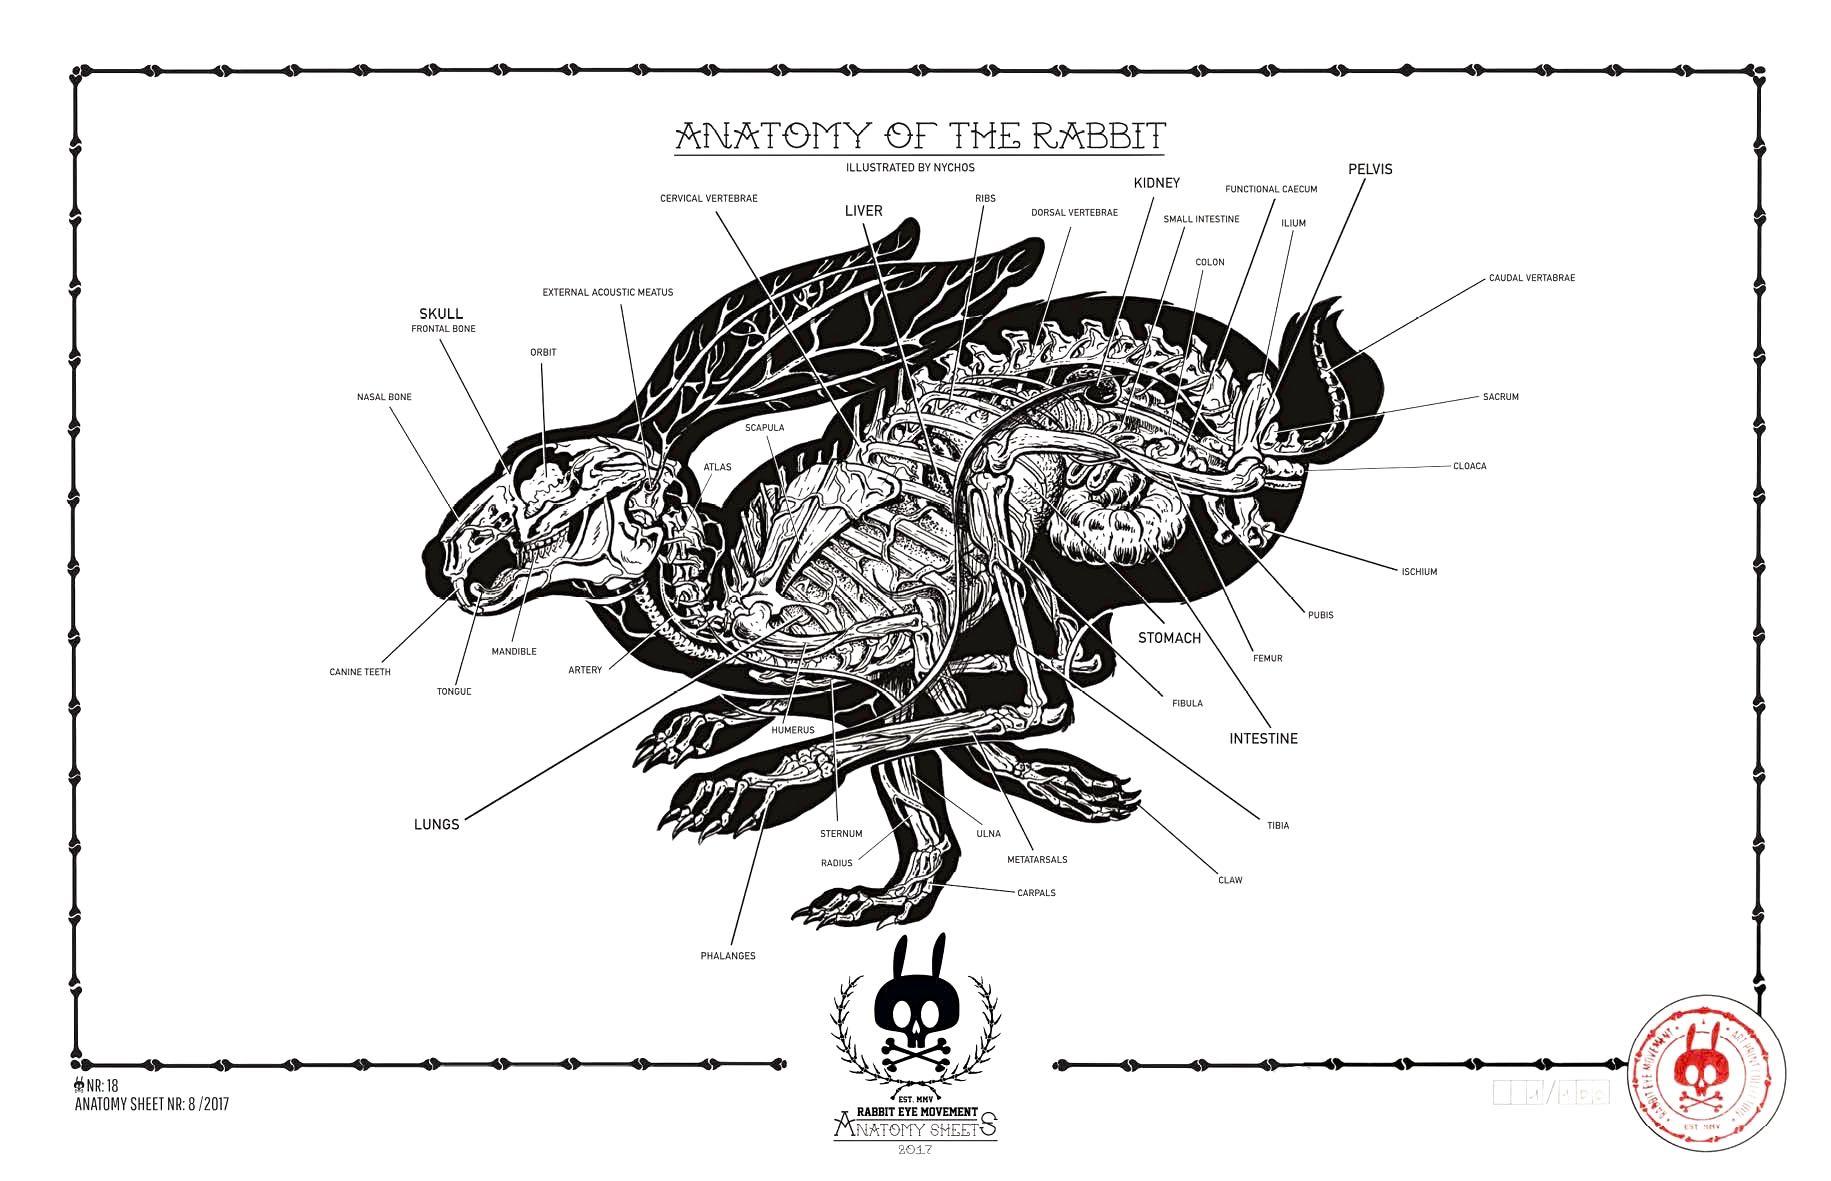 ANATOMY OF THE RABBIT: ANATOMY SHEET NO. 18 | Prints | Rabbit Eye ...